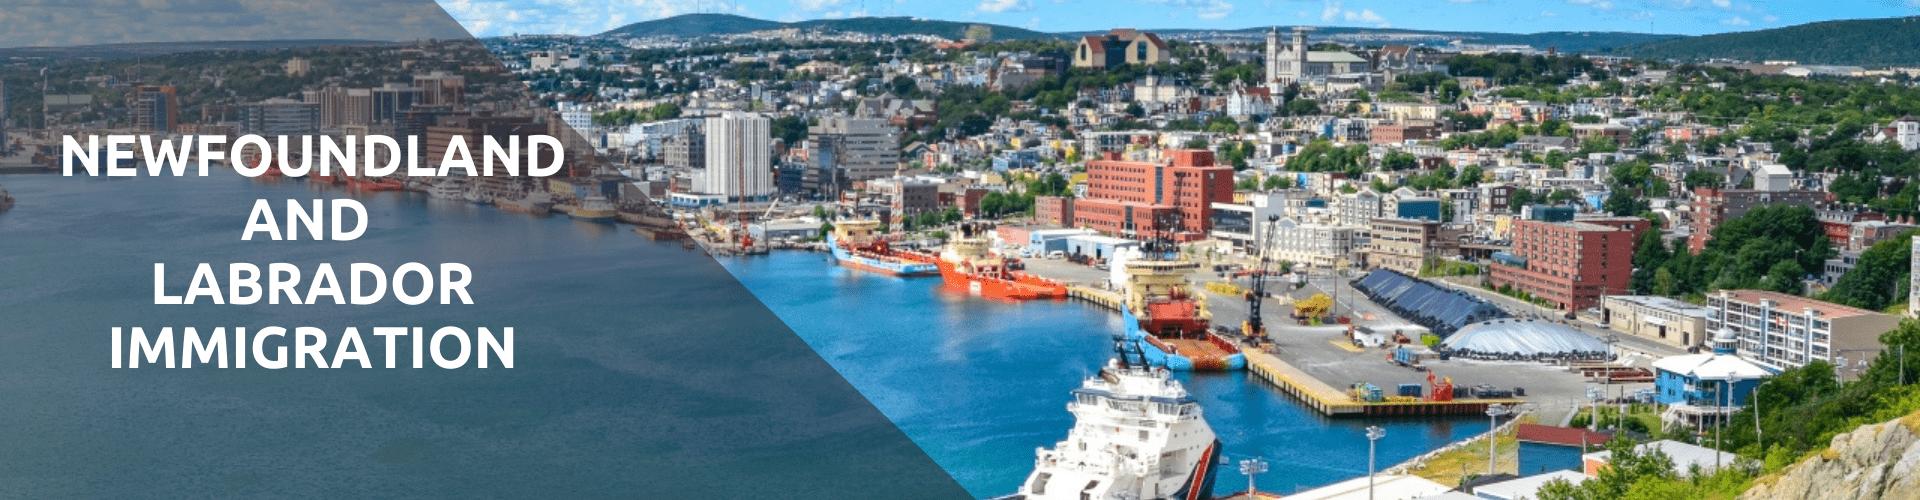 Newfoundland and Labrador Immigration